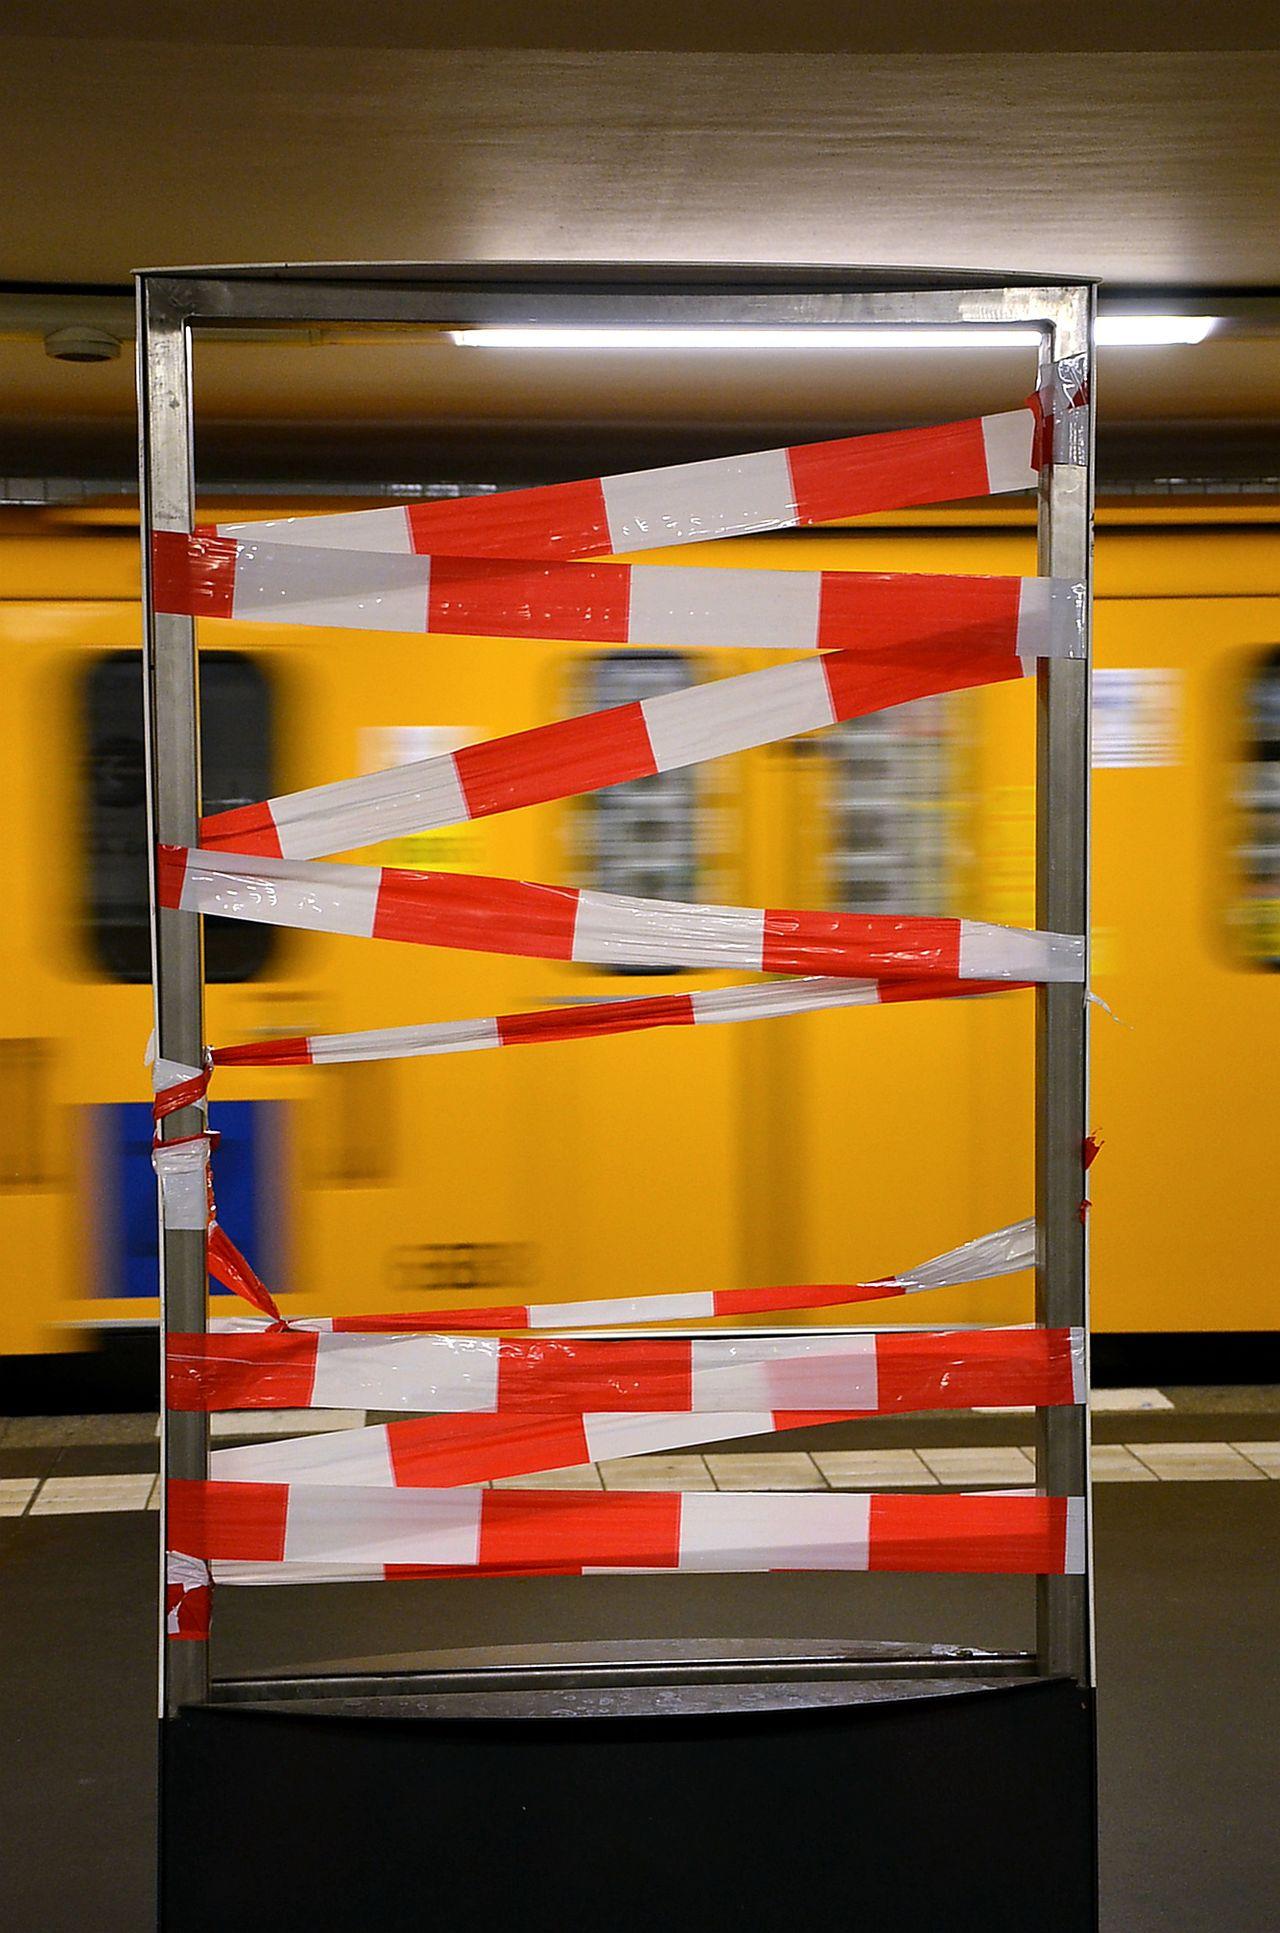 Colour Of Life BVG - Berliner Verkehrsgesellschaft Berliner Ansichten Ubahn Berlin Redyellow Abgesperrt Abstraktekunst Abstract Streetart Donotcross Barrier Abstraktas Redline Bvg Design Bvg Berlin Modernart Donotenter Potzdamer Platz